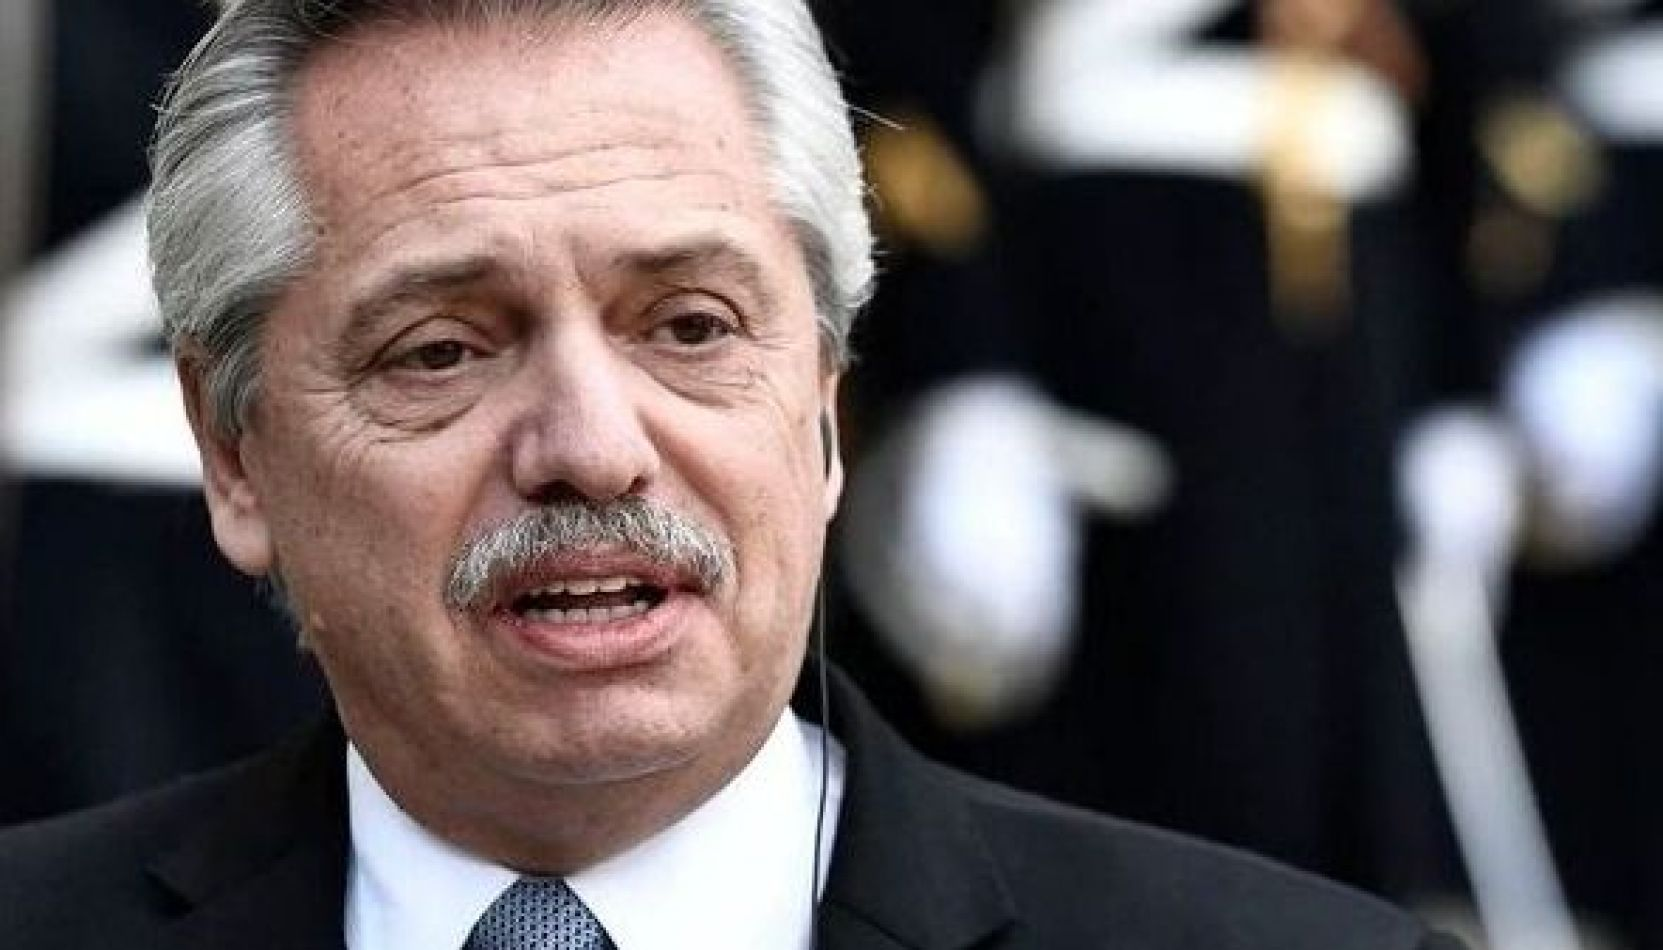 Alberto Fernández descartó la posibilidad de indultar a exfuncionarios detenidos